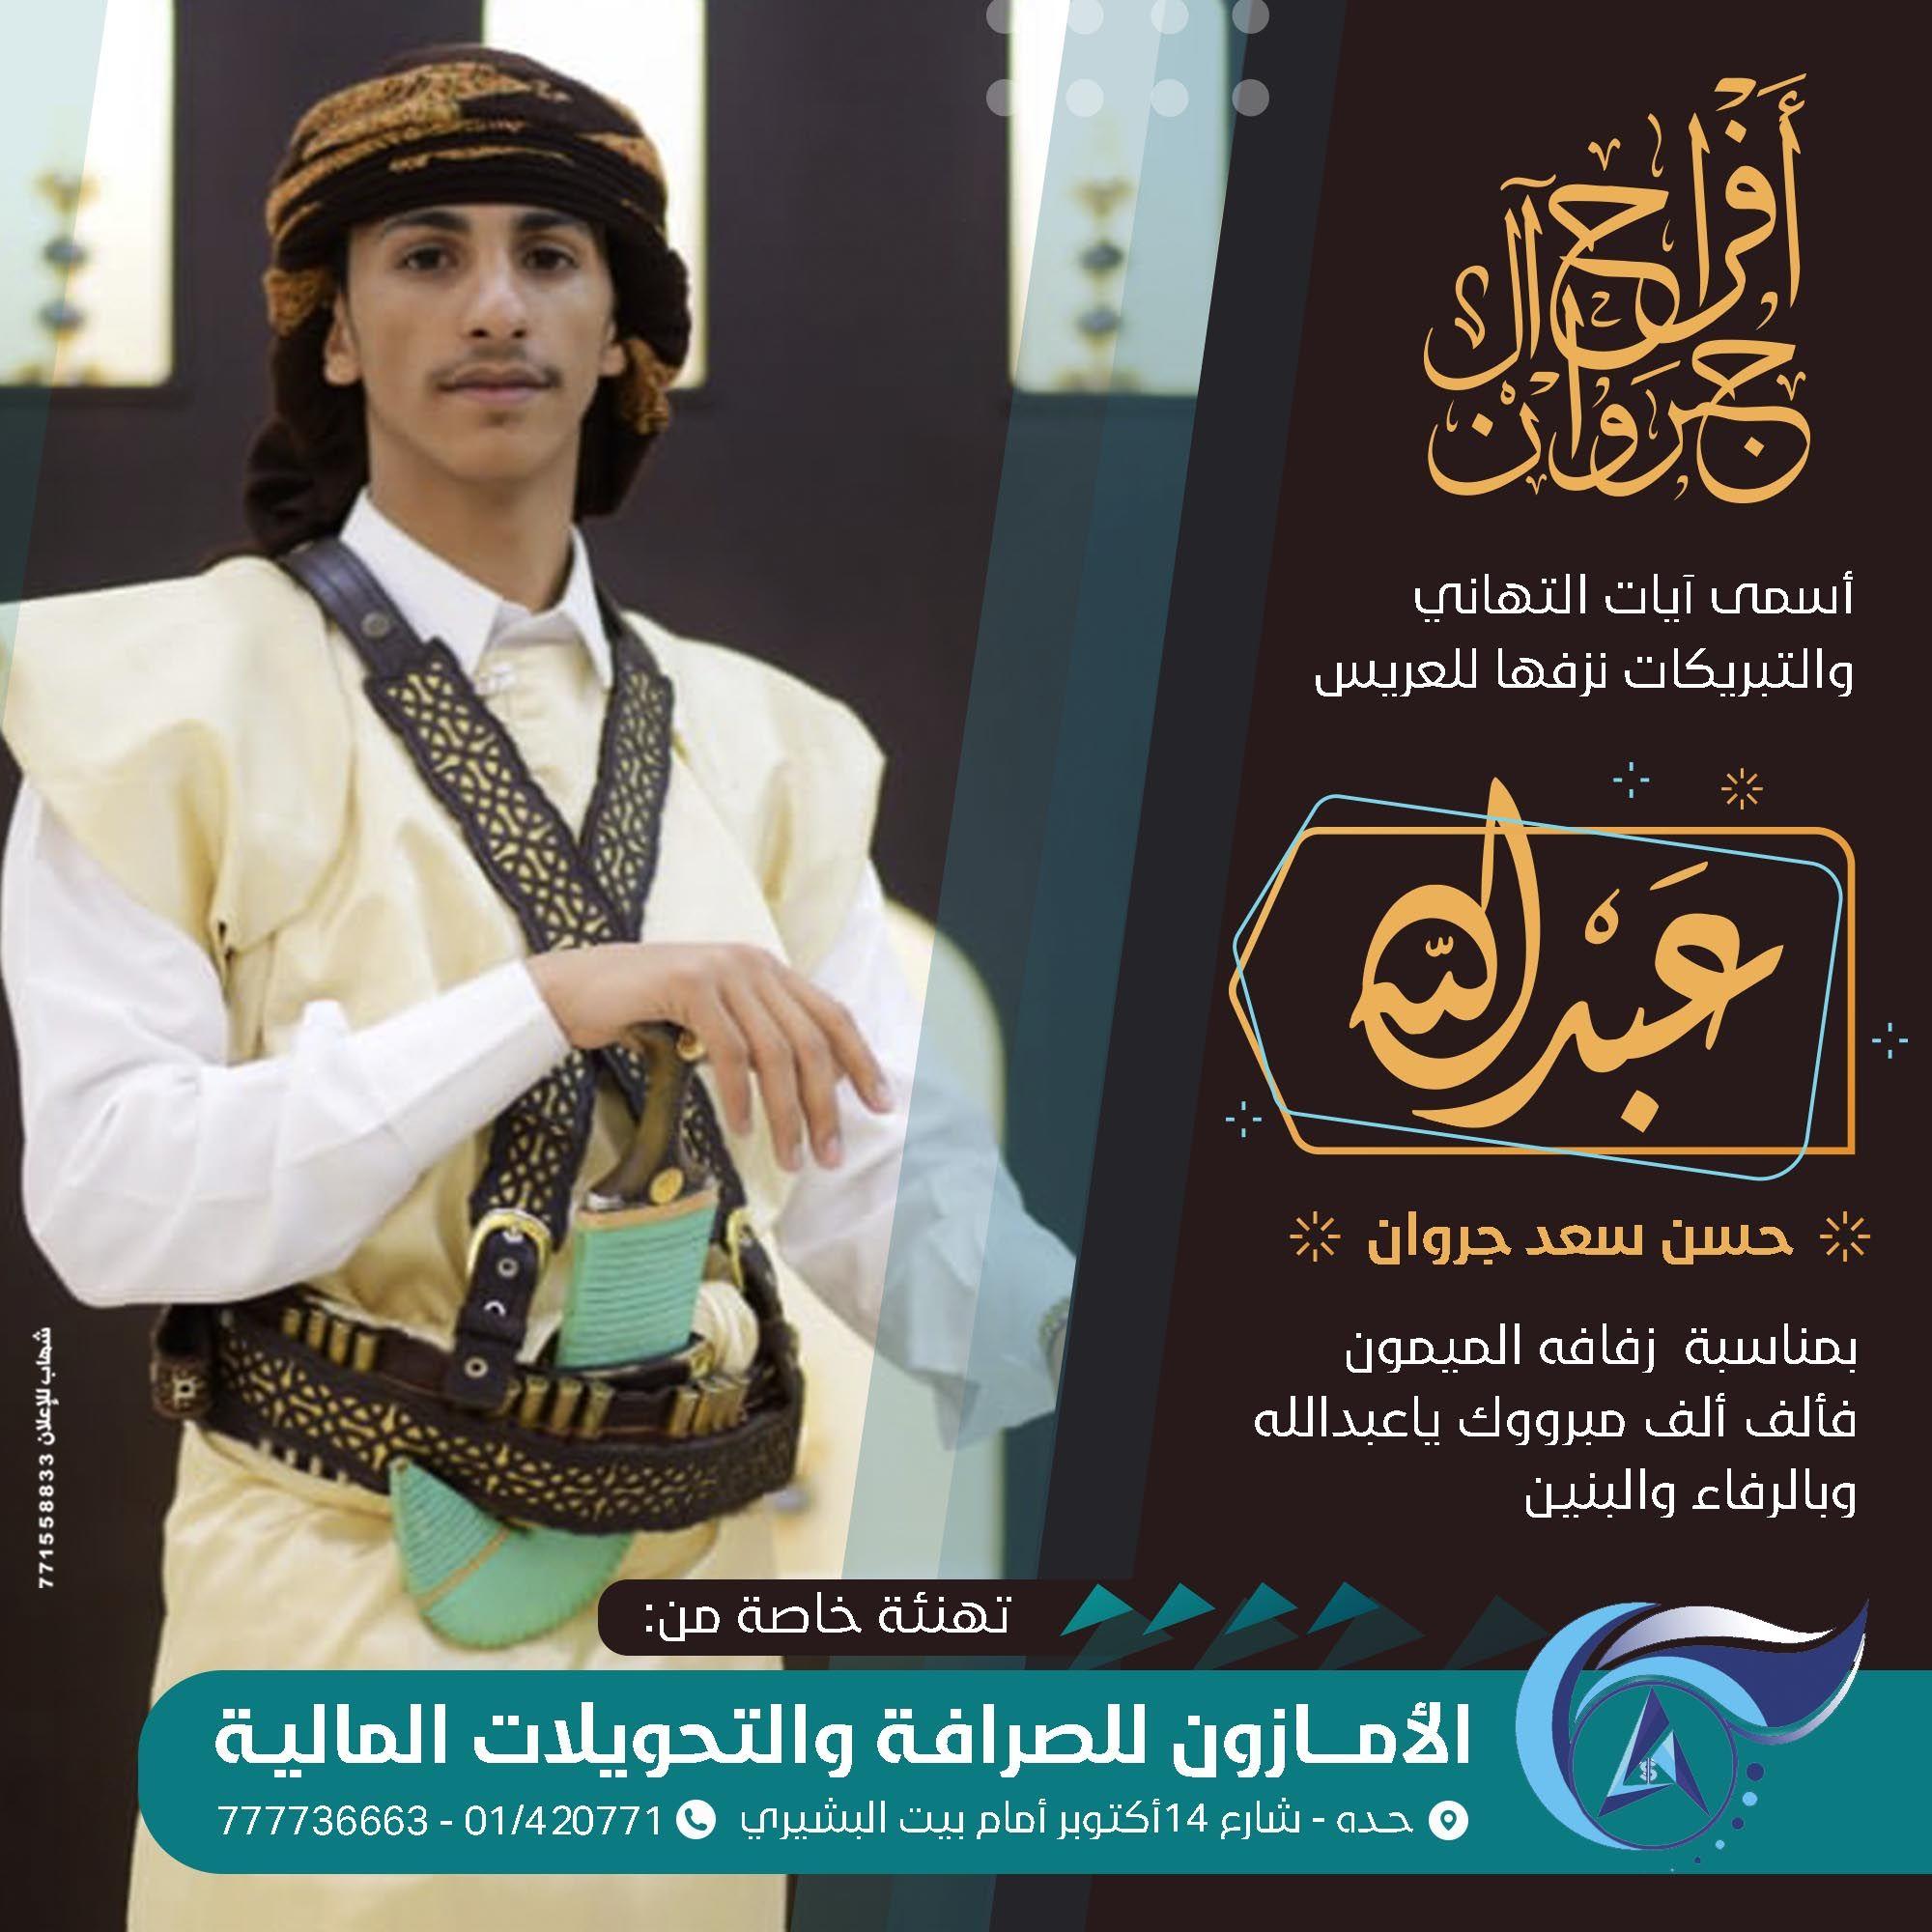 أفراح آل جروان Advertising Photography Graphic Design Advertising Photoshop